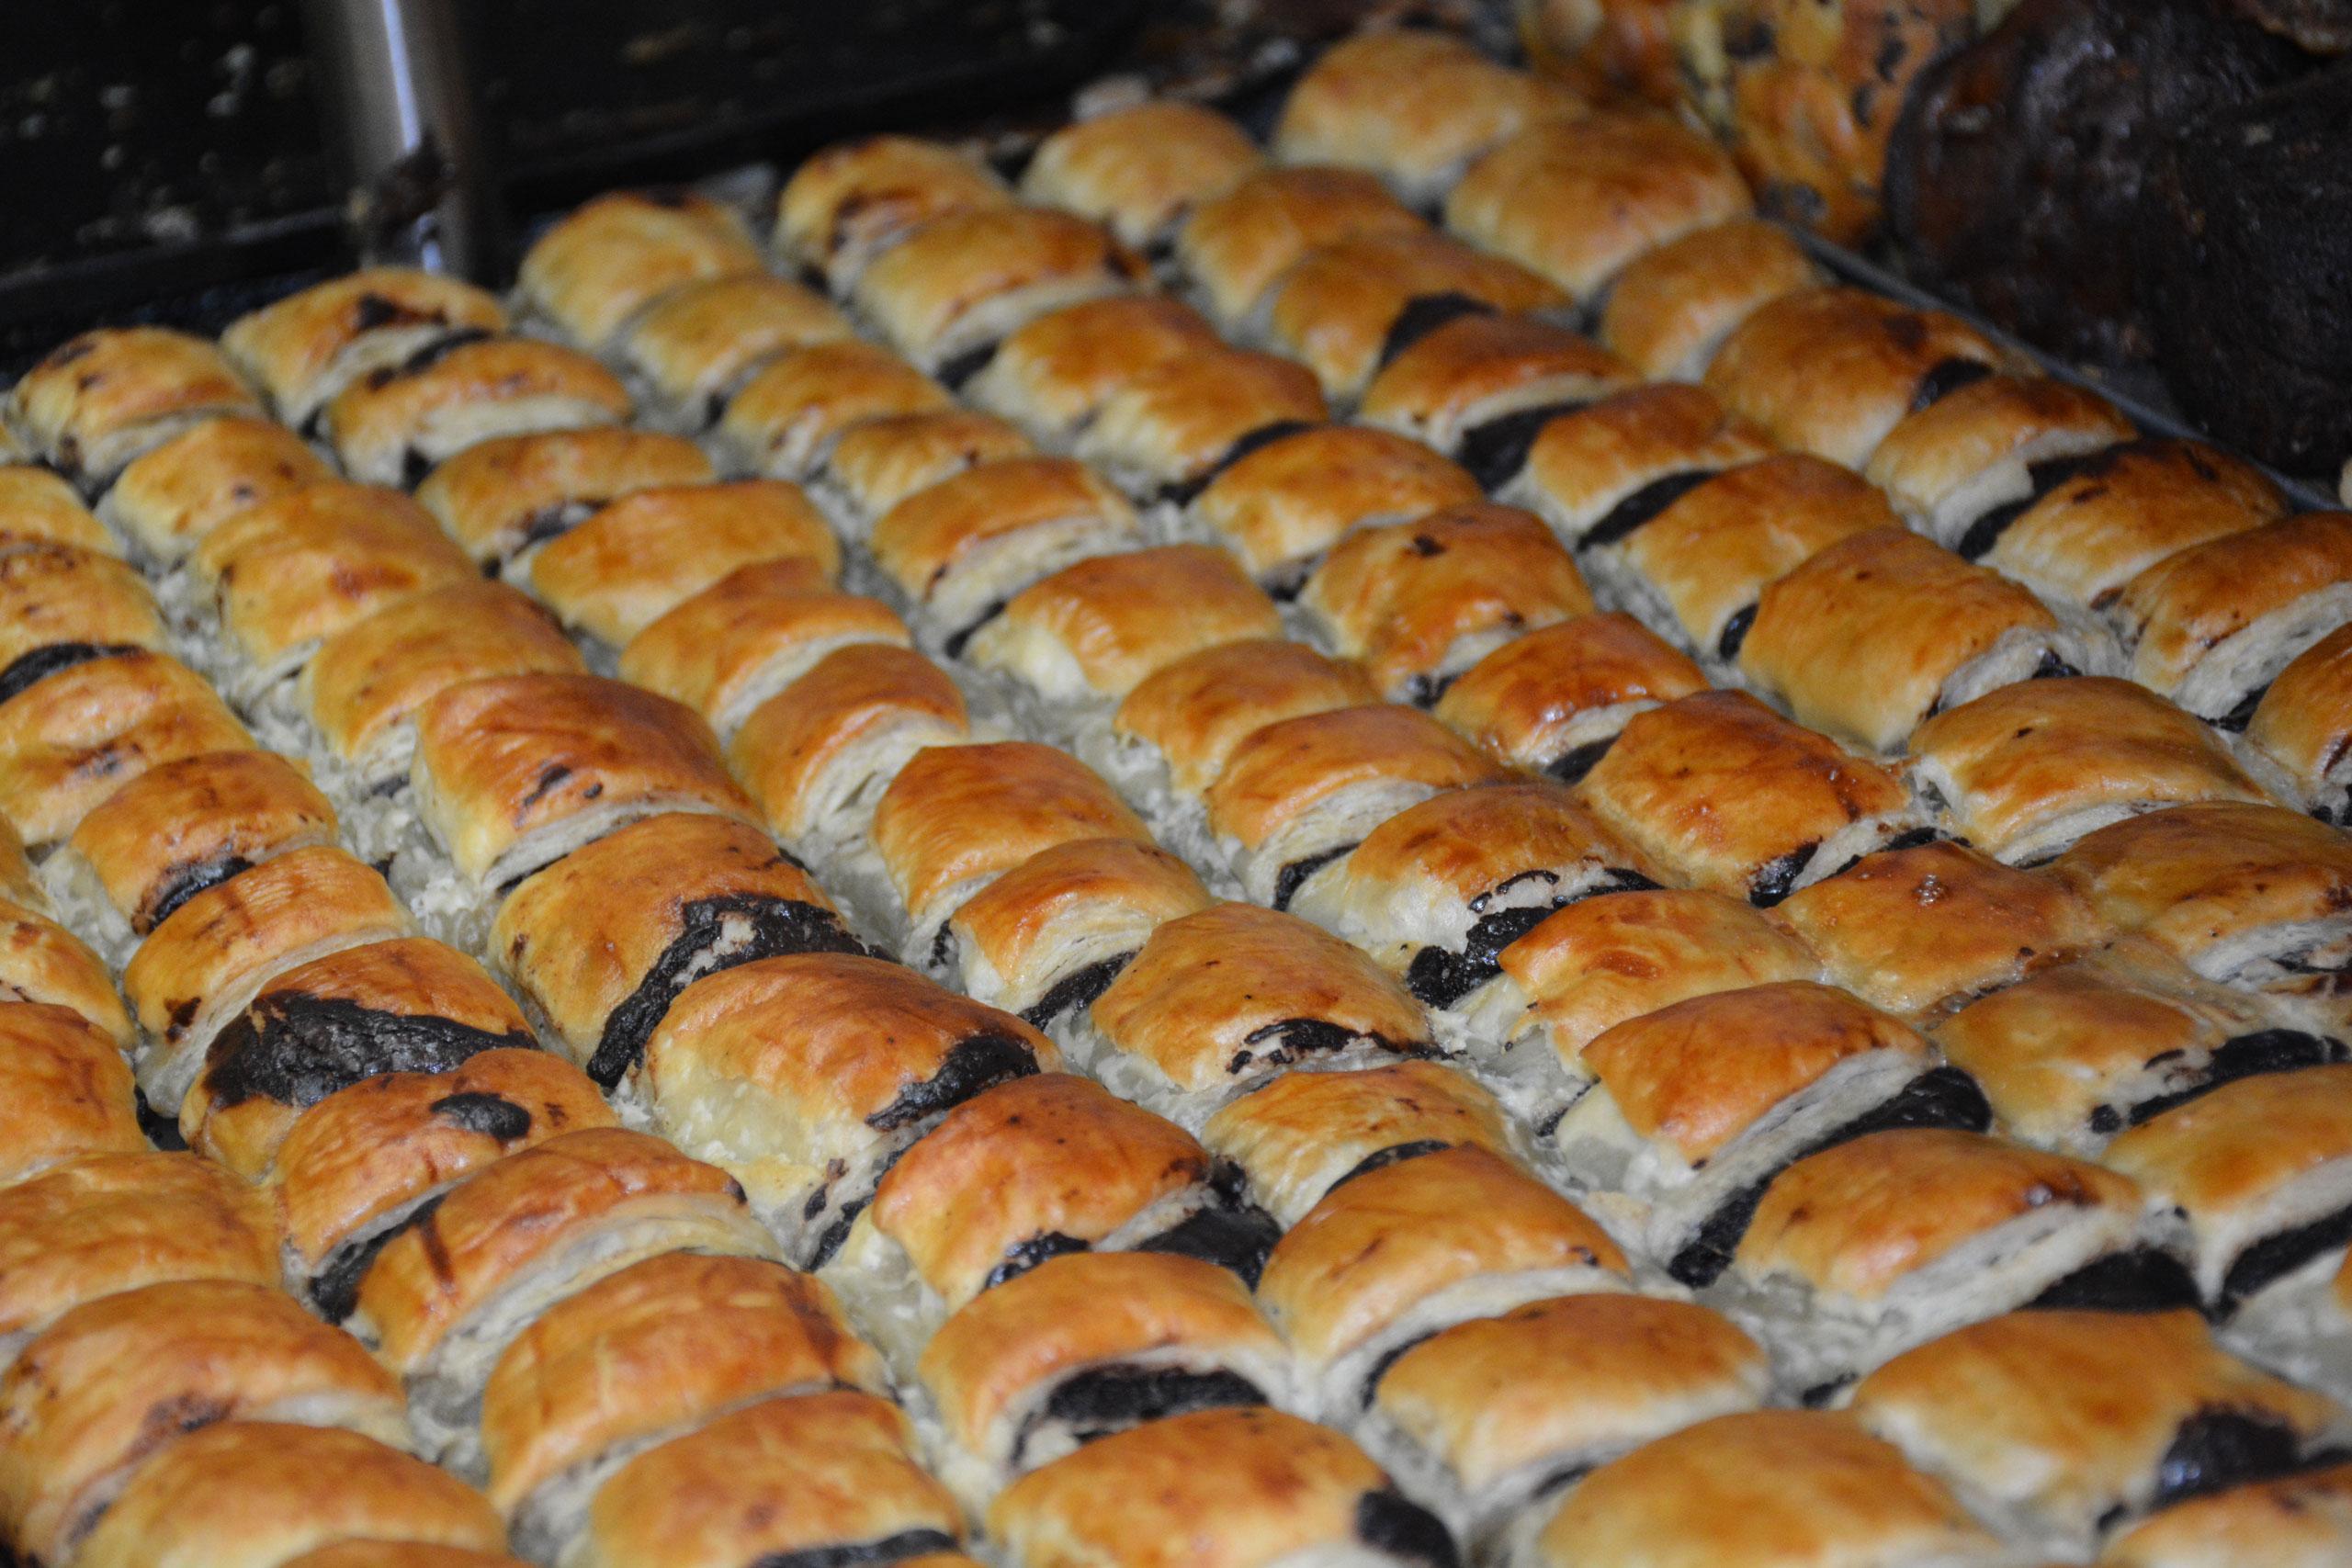 Garroticos de Beatriz guía gastronómica de Pamplona